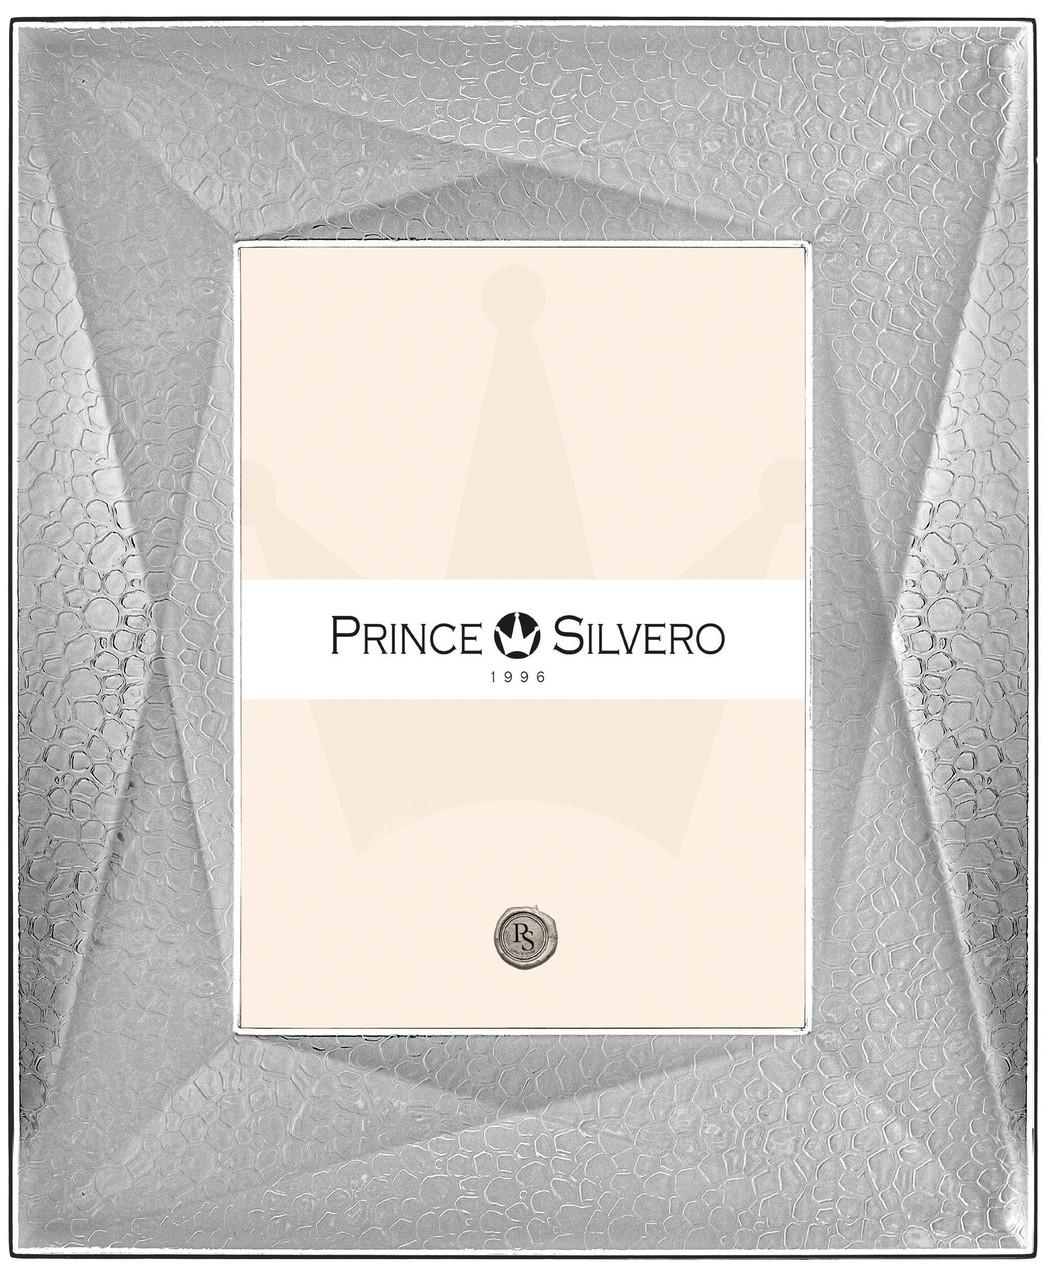 Эксклюзивная серебряная рамка 18х24 для фото Prince Silvreo